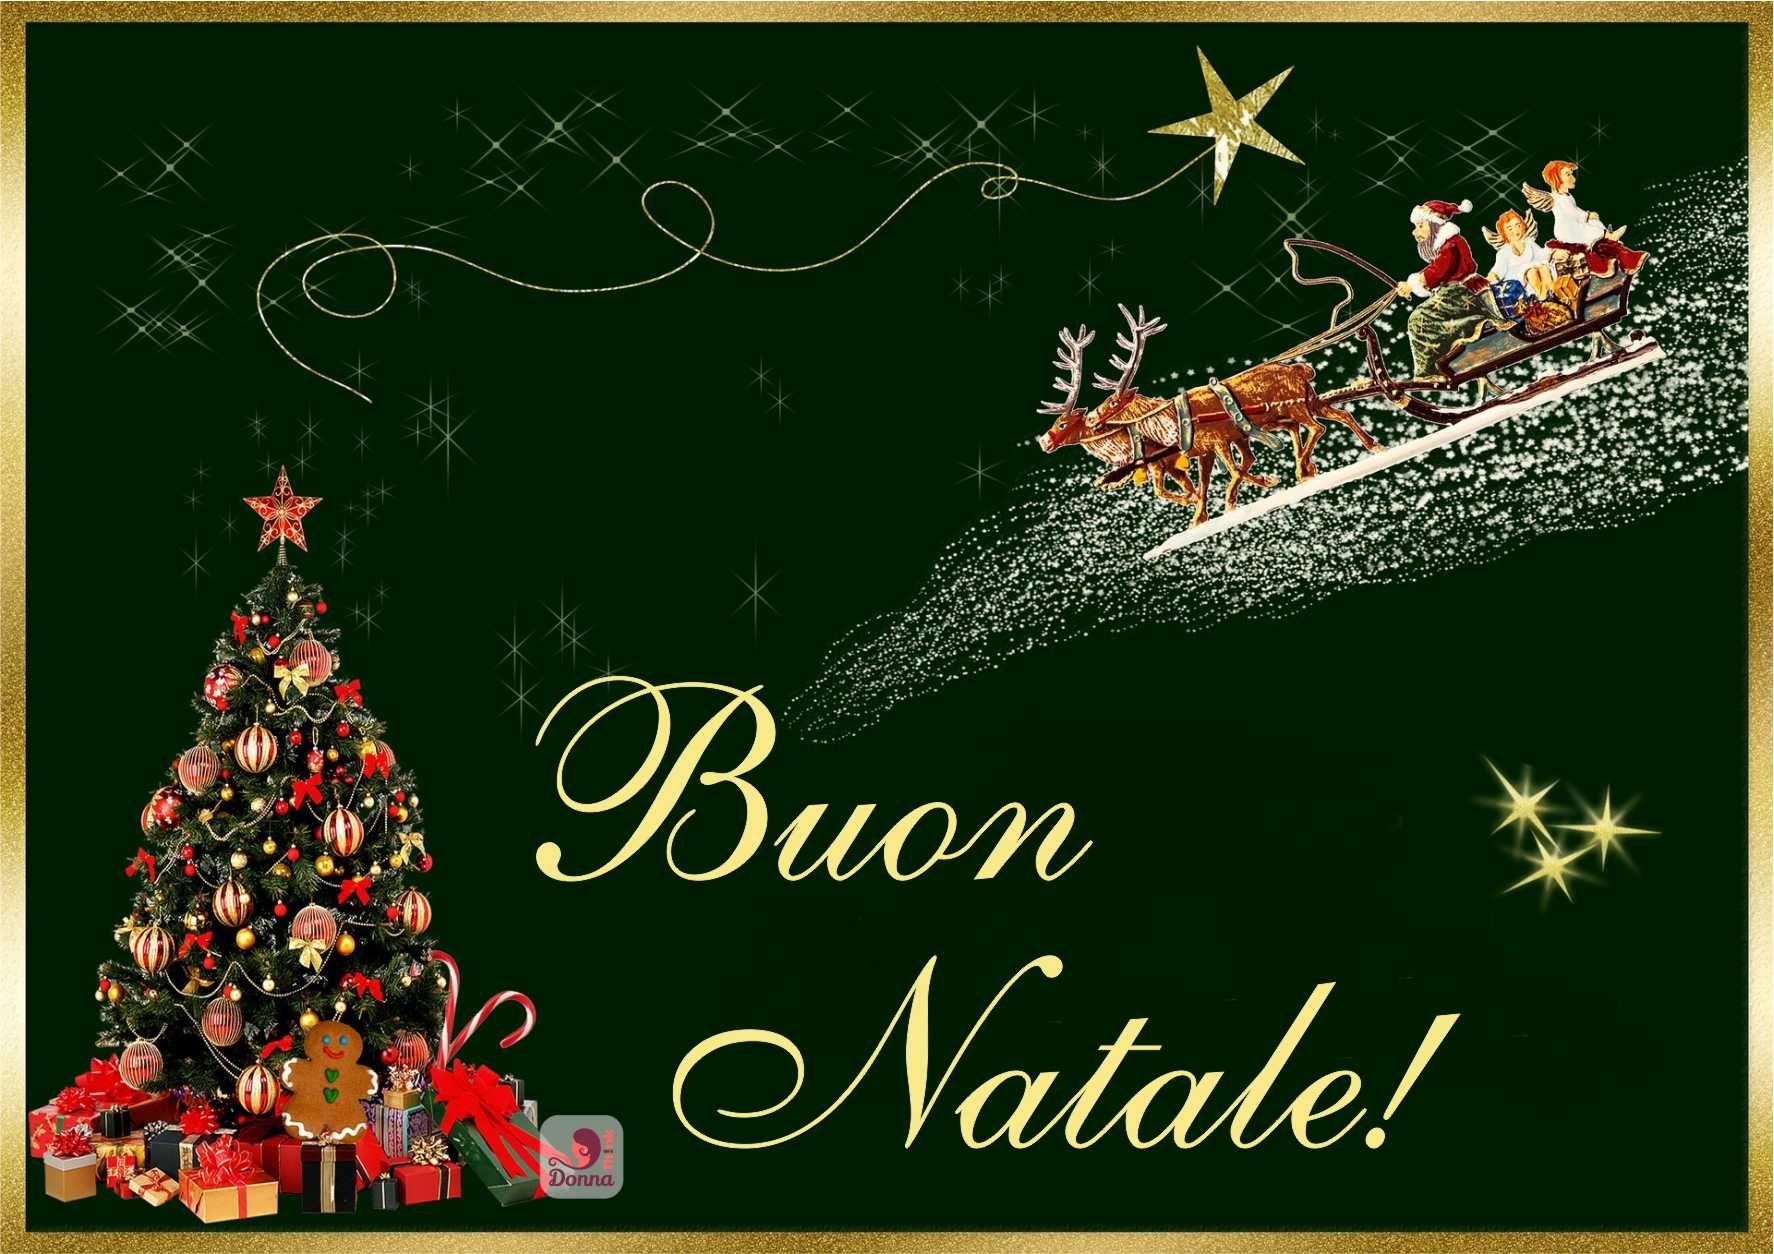 Auguri Di Buon Natale Alla Famiglia.Frasi Per Gli Auguri Di Natale E Felice Anno Nuovo Aspettando Il